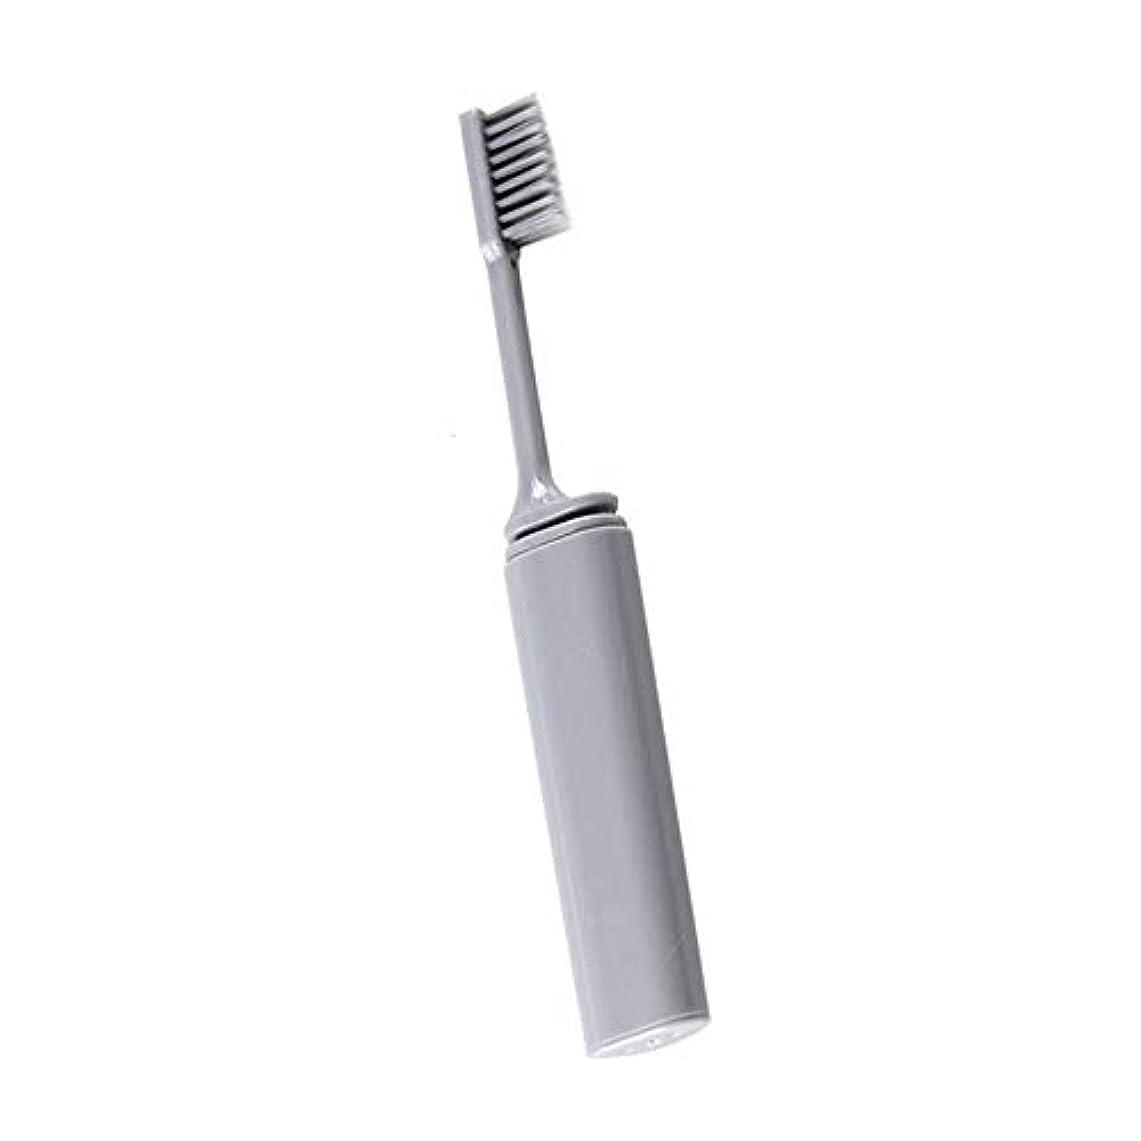 なので褒賞国籍Onior 旅行歯ブラシ 折りたたみ歯ブラシ 携帯歯ブラシ 外出 旅行用品, ソフト コンパクト歯ブラシ 便利 折りたたみ 耐久性 携帯用 灰色